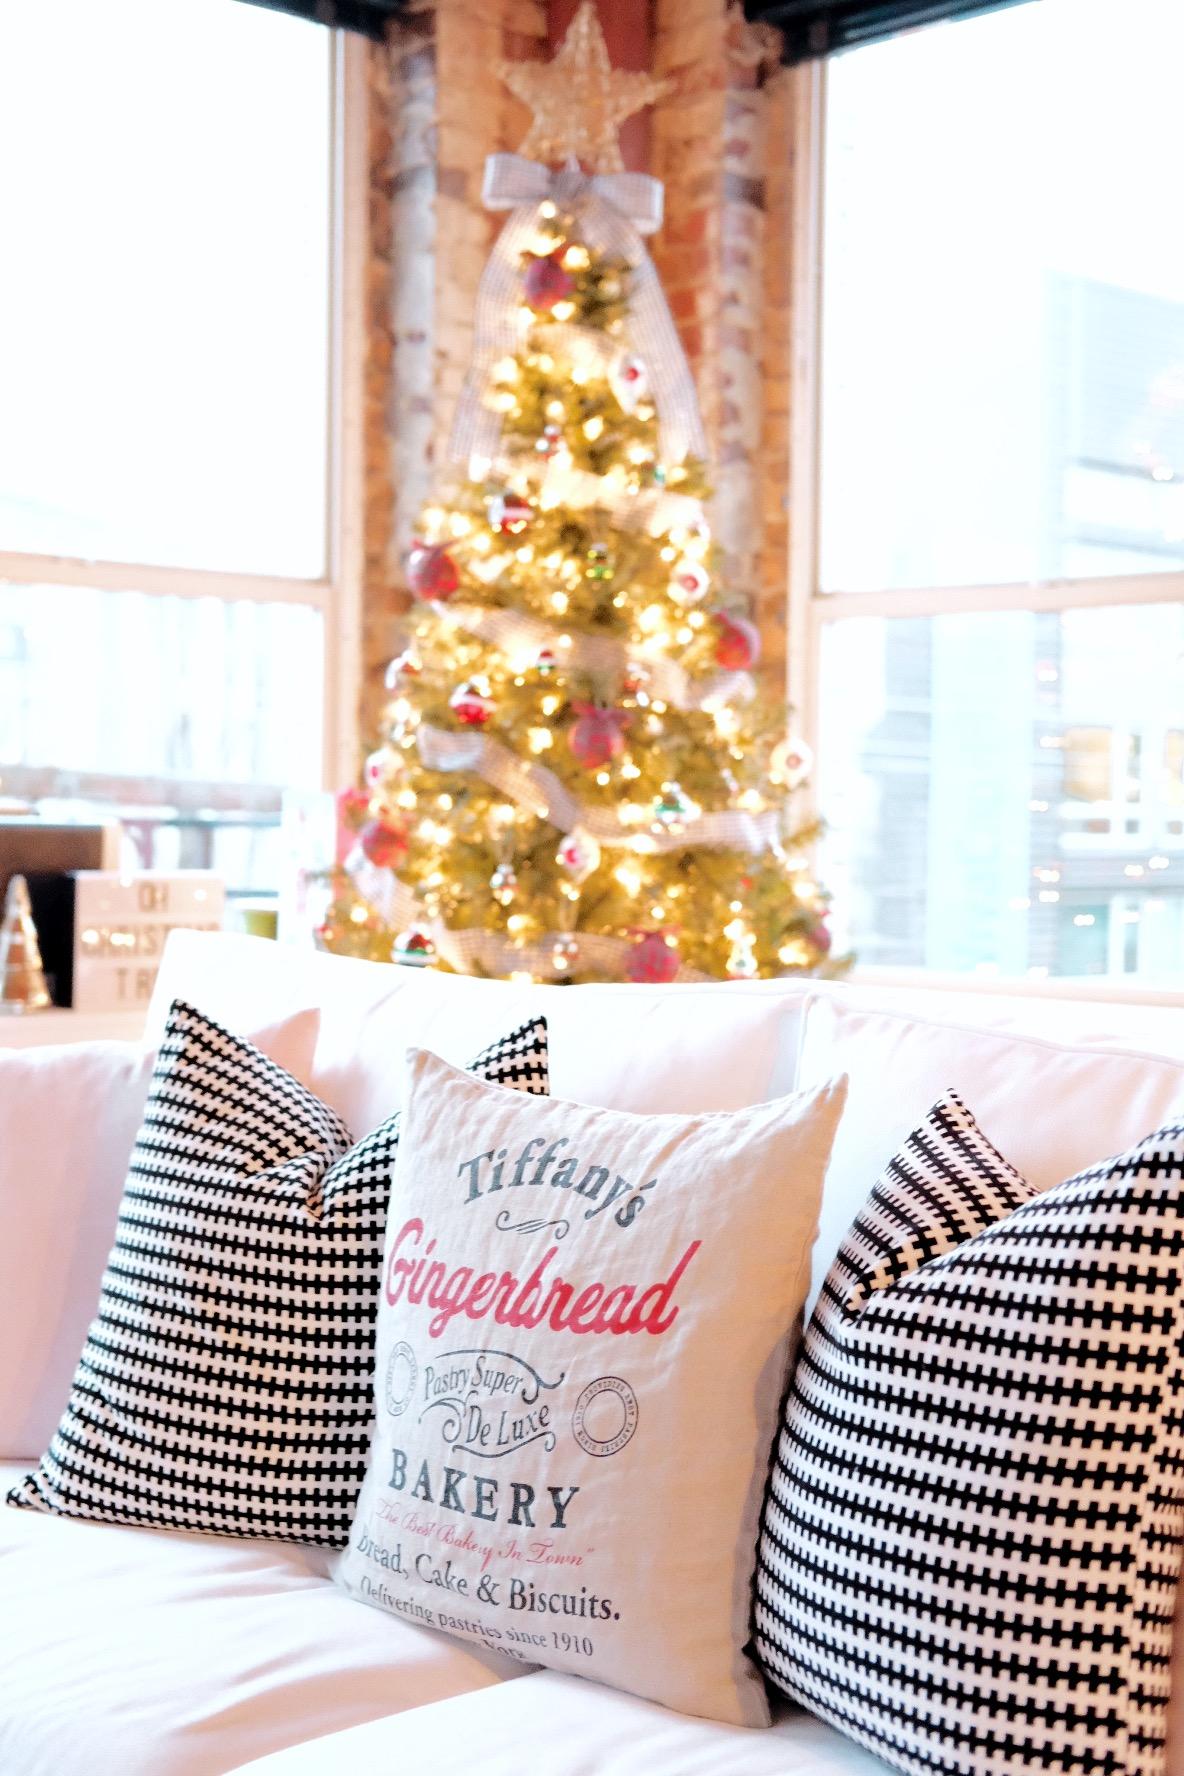 Plaid Christmas ornaments, Small Christmas Tree decorations, Dog Proof Christmas Tree, Christmas Tree on Vintage Suitcases, Fake Christmas Tree DIY Skirt, H&M Christmas Pillow